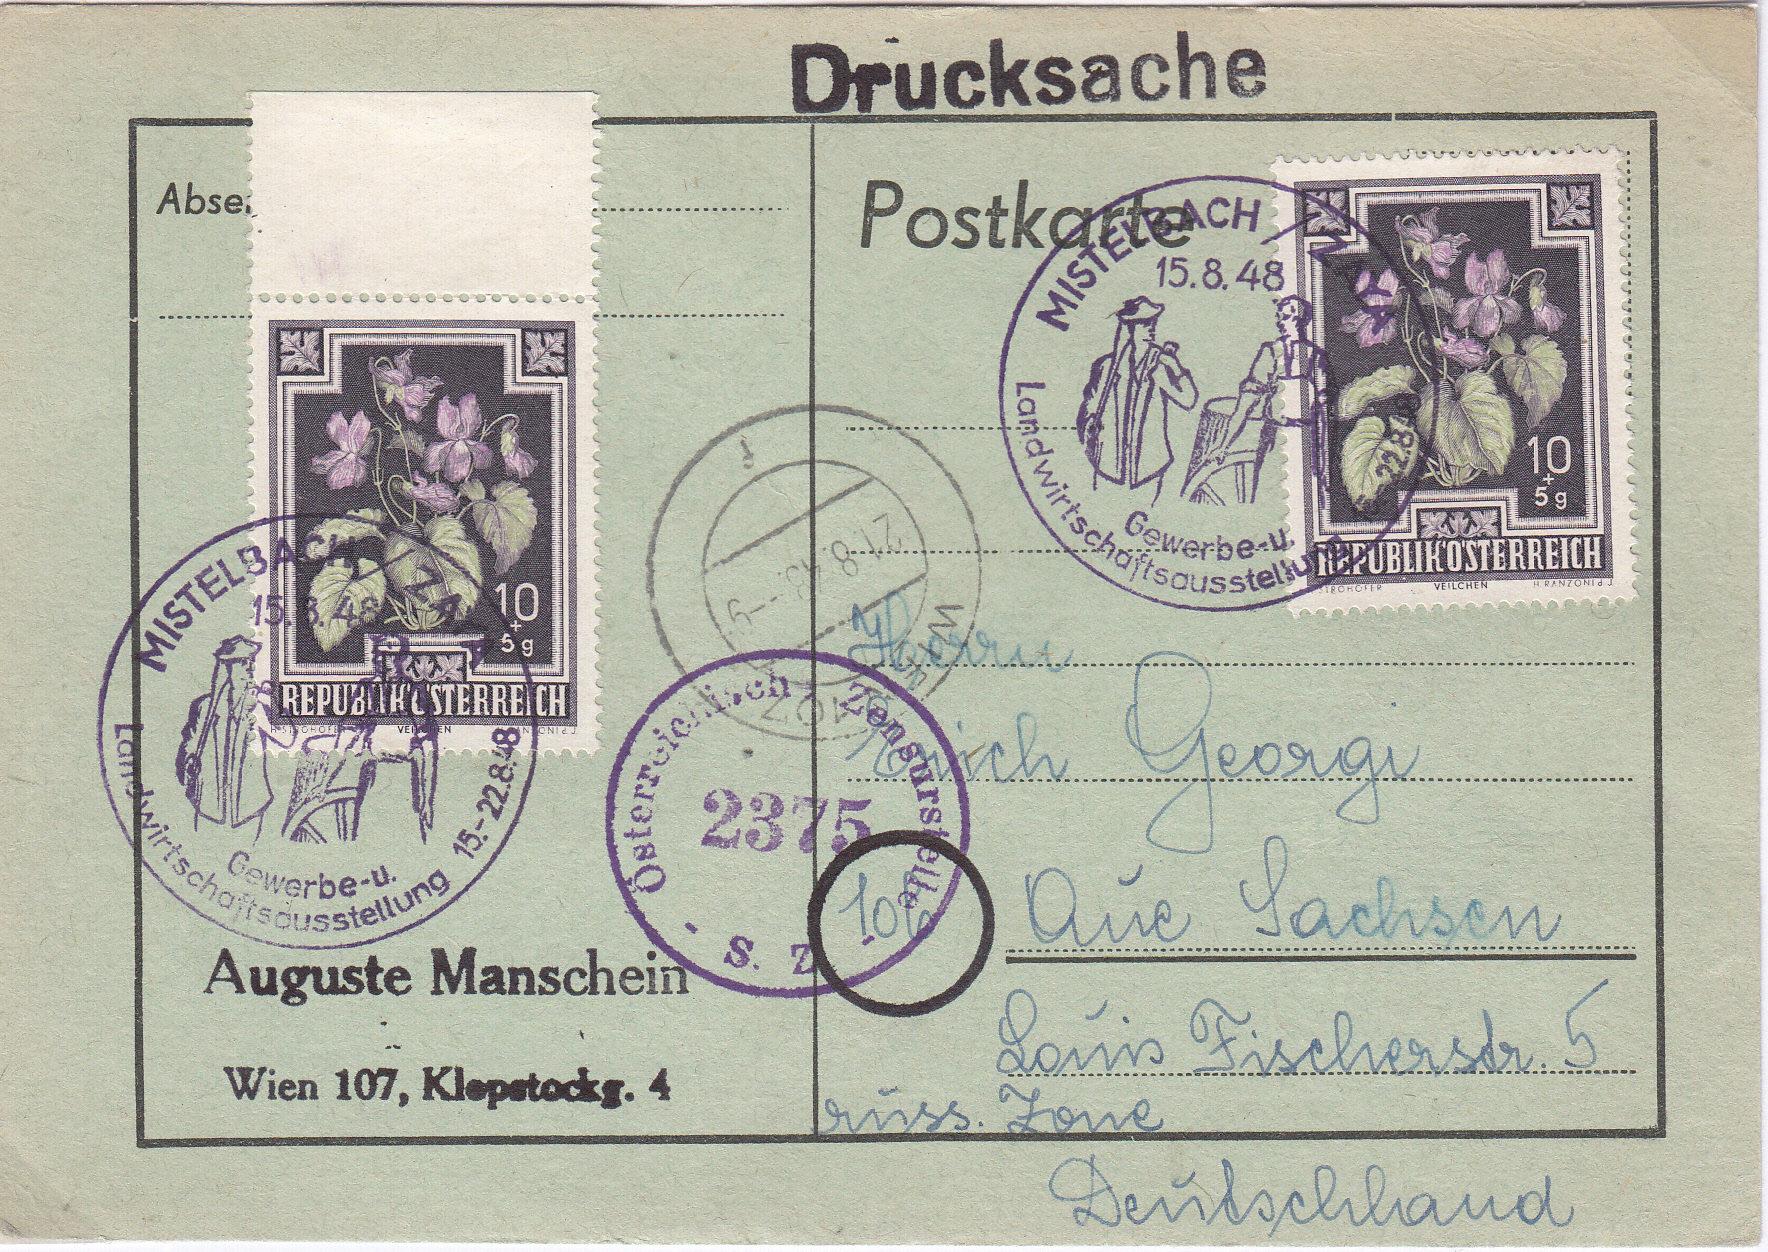 Sammlung Bedarfsbriefe Österreich ab 1945 - Seite 14 Img243